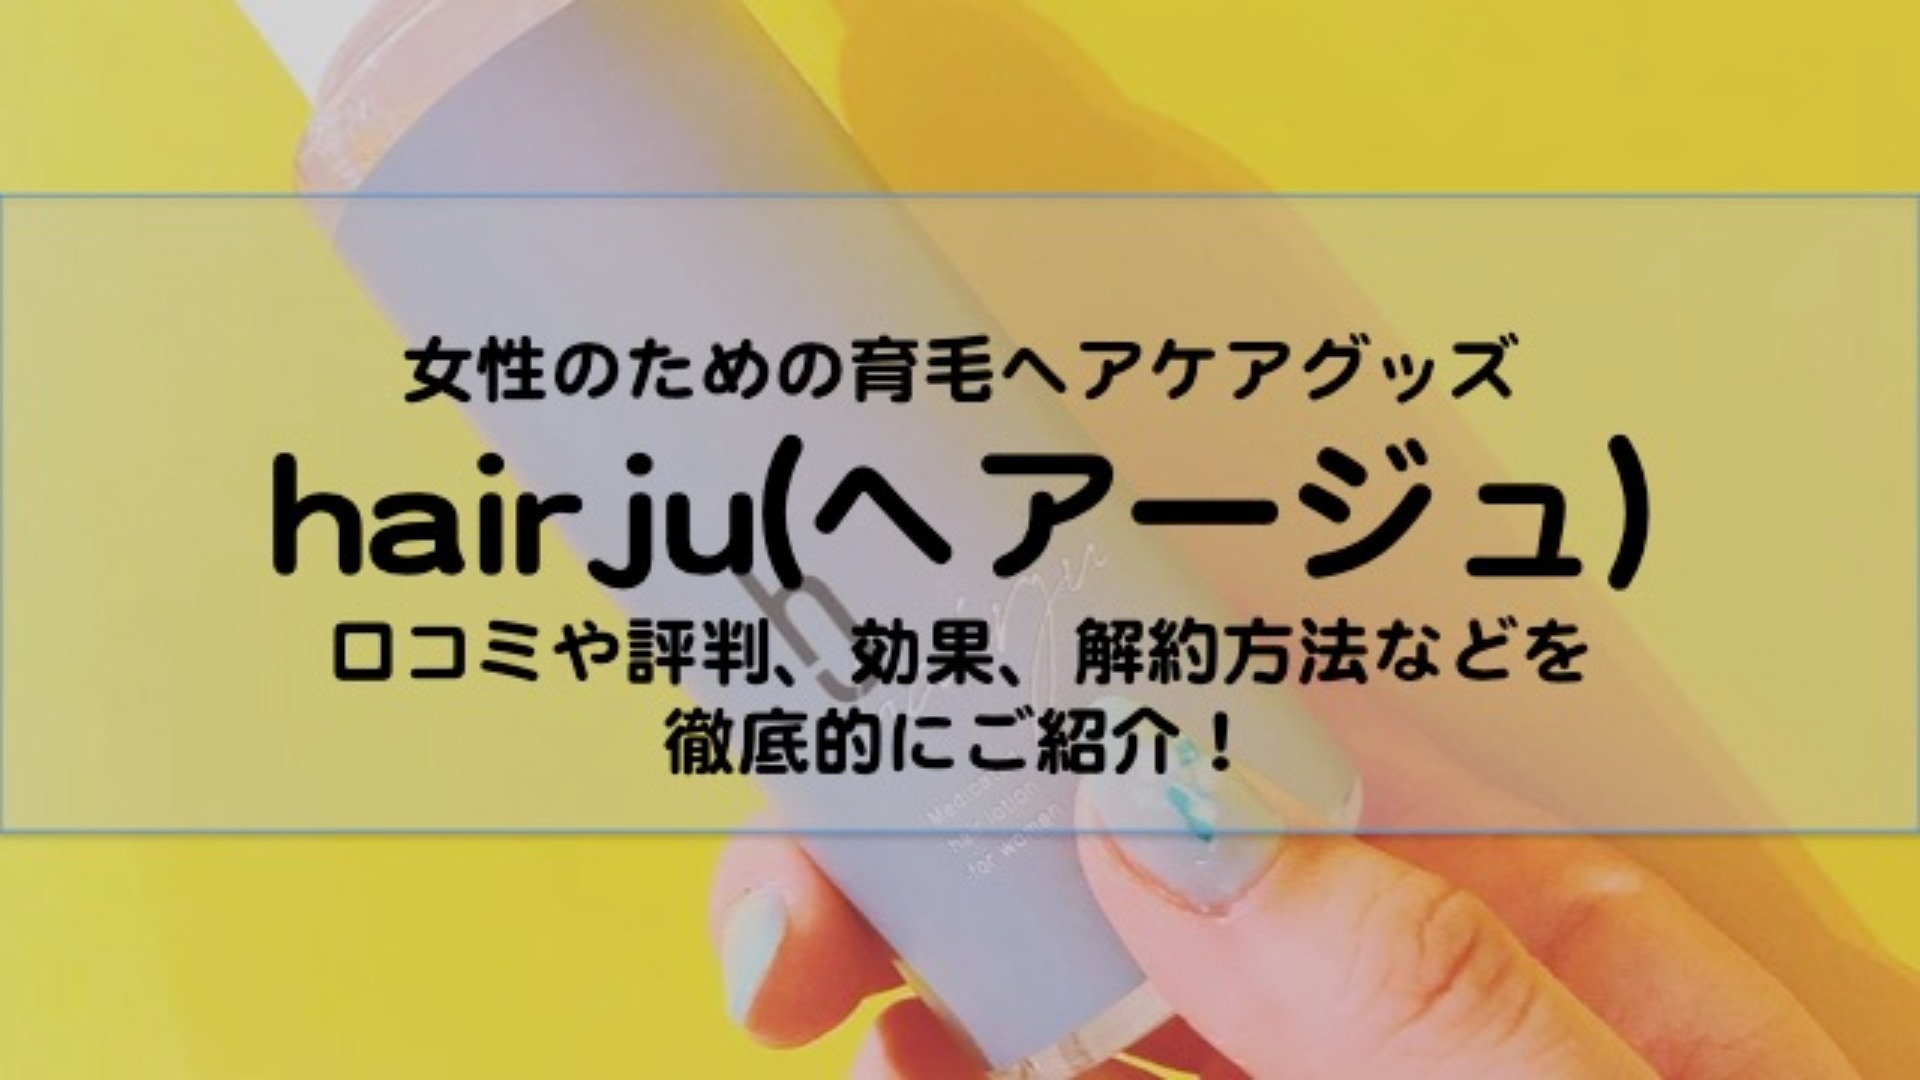 hairjuのアイキャッチ画像